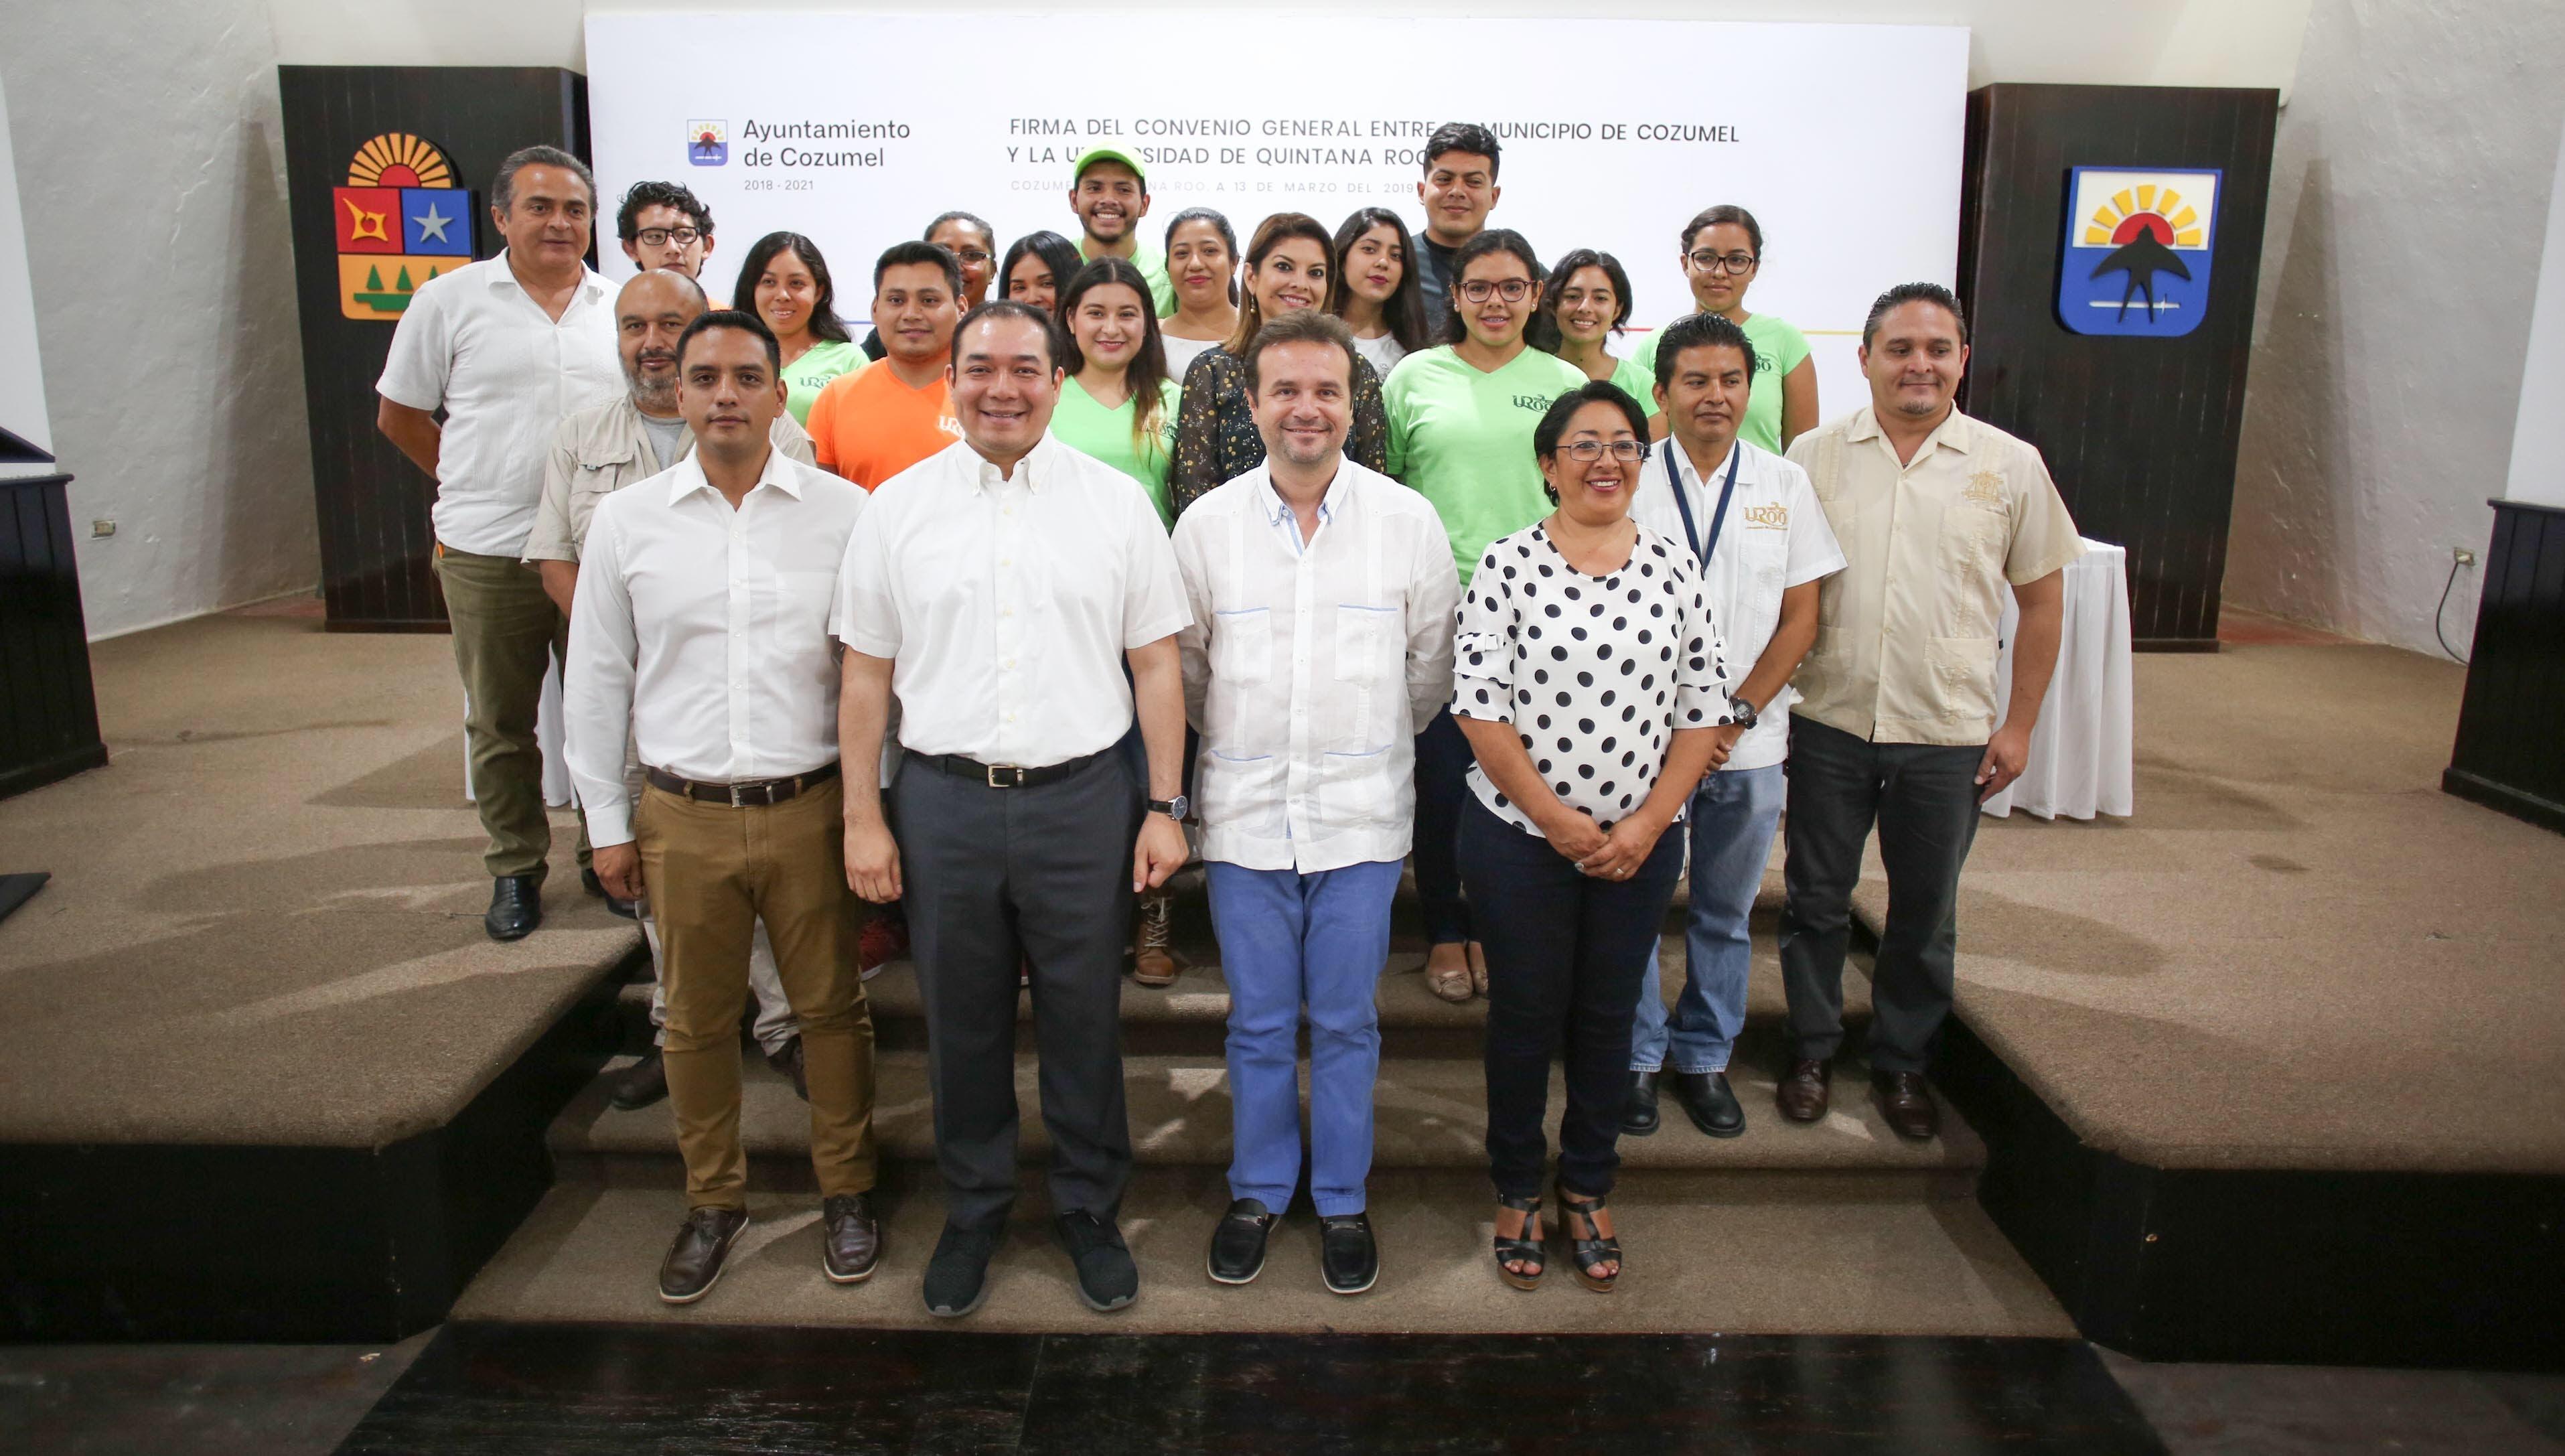 Suscriben convenio de colaboración el Ayuntamiento de Cozumel y la Universidad de Quintana Roo en beneficio de la comunidad y estudiantes